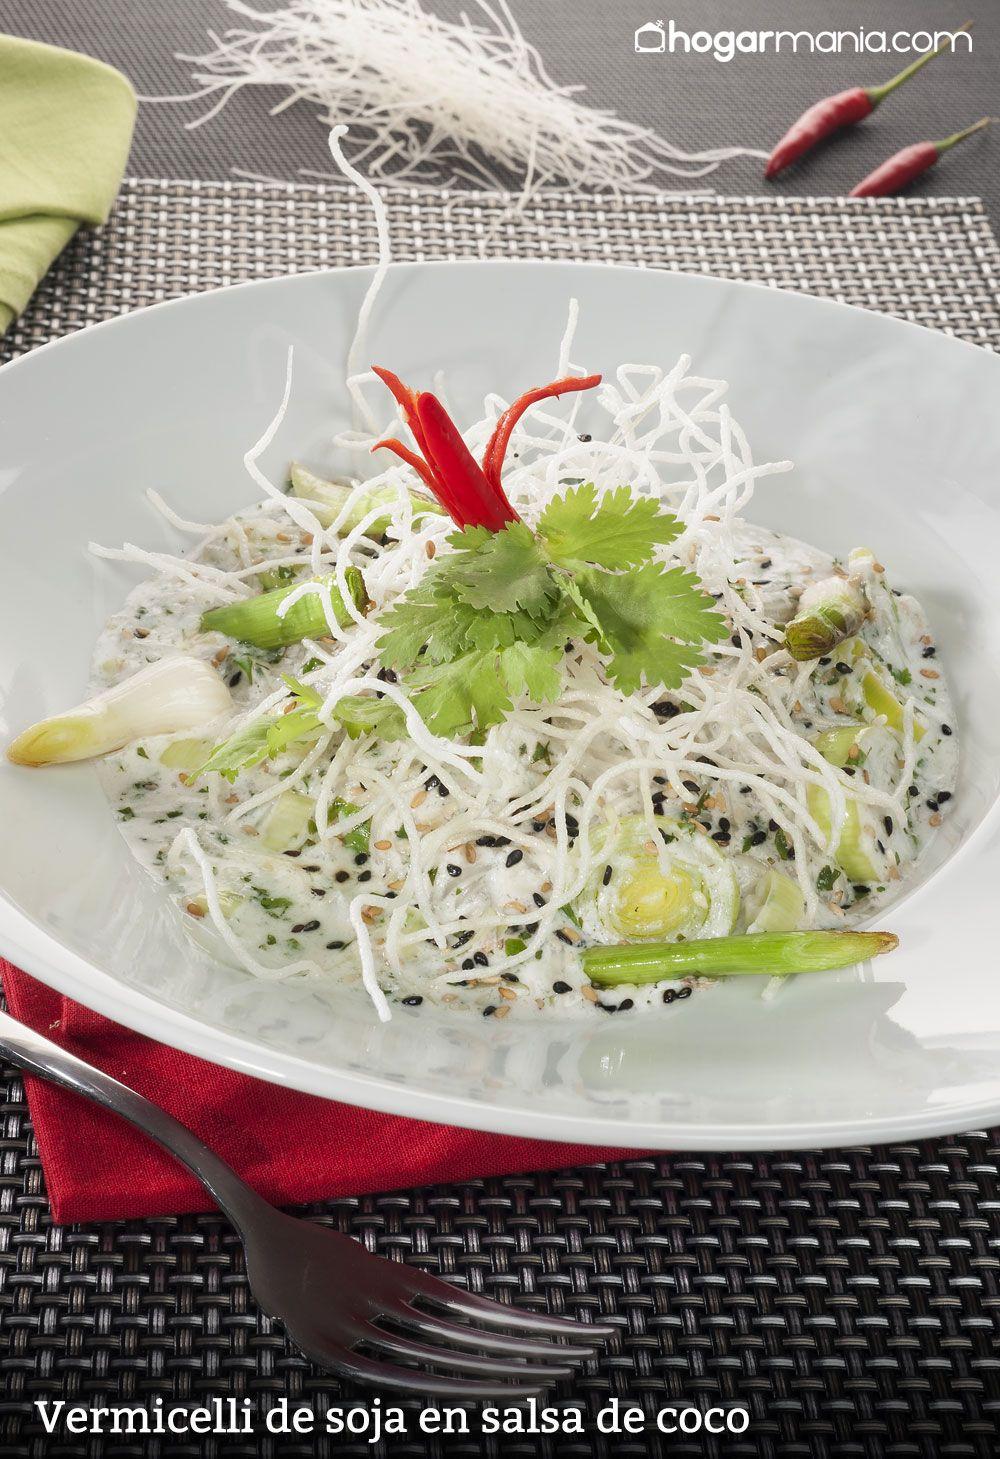 Vermicelli de soja en salsa de coco